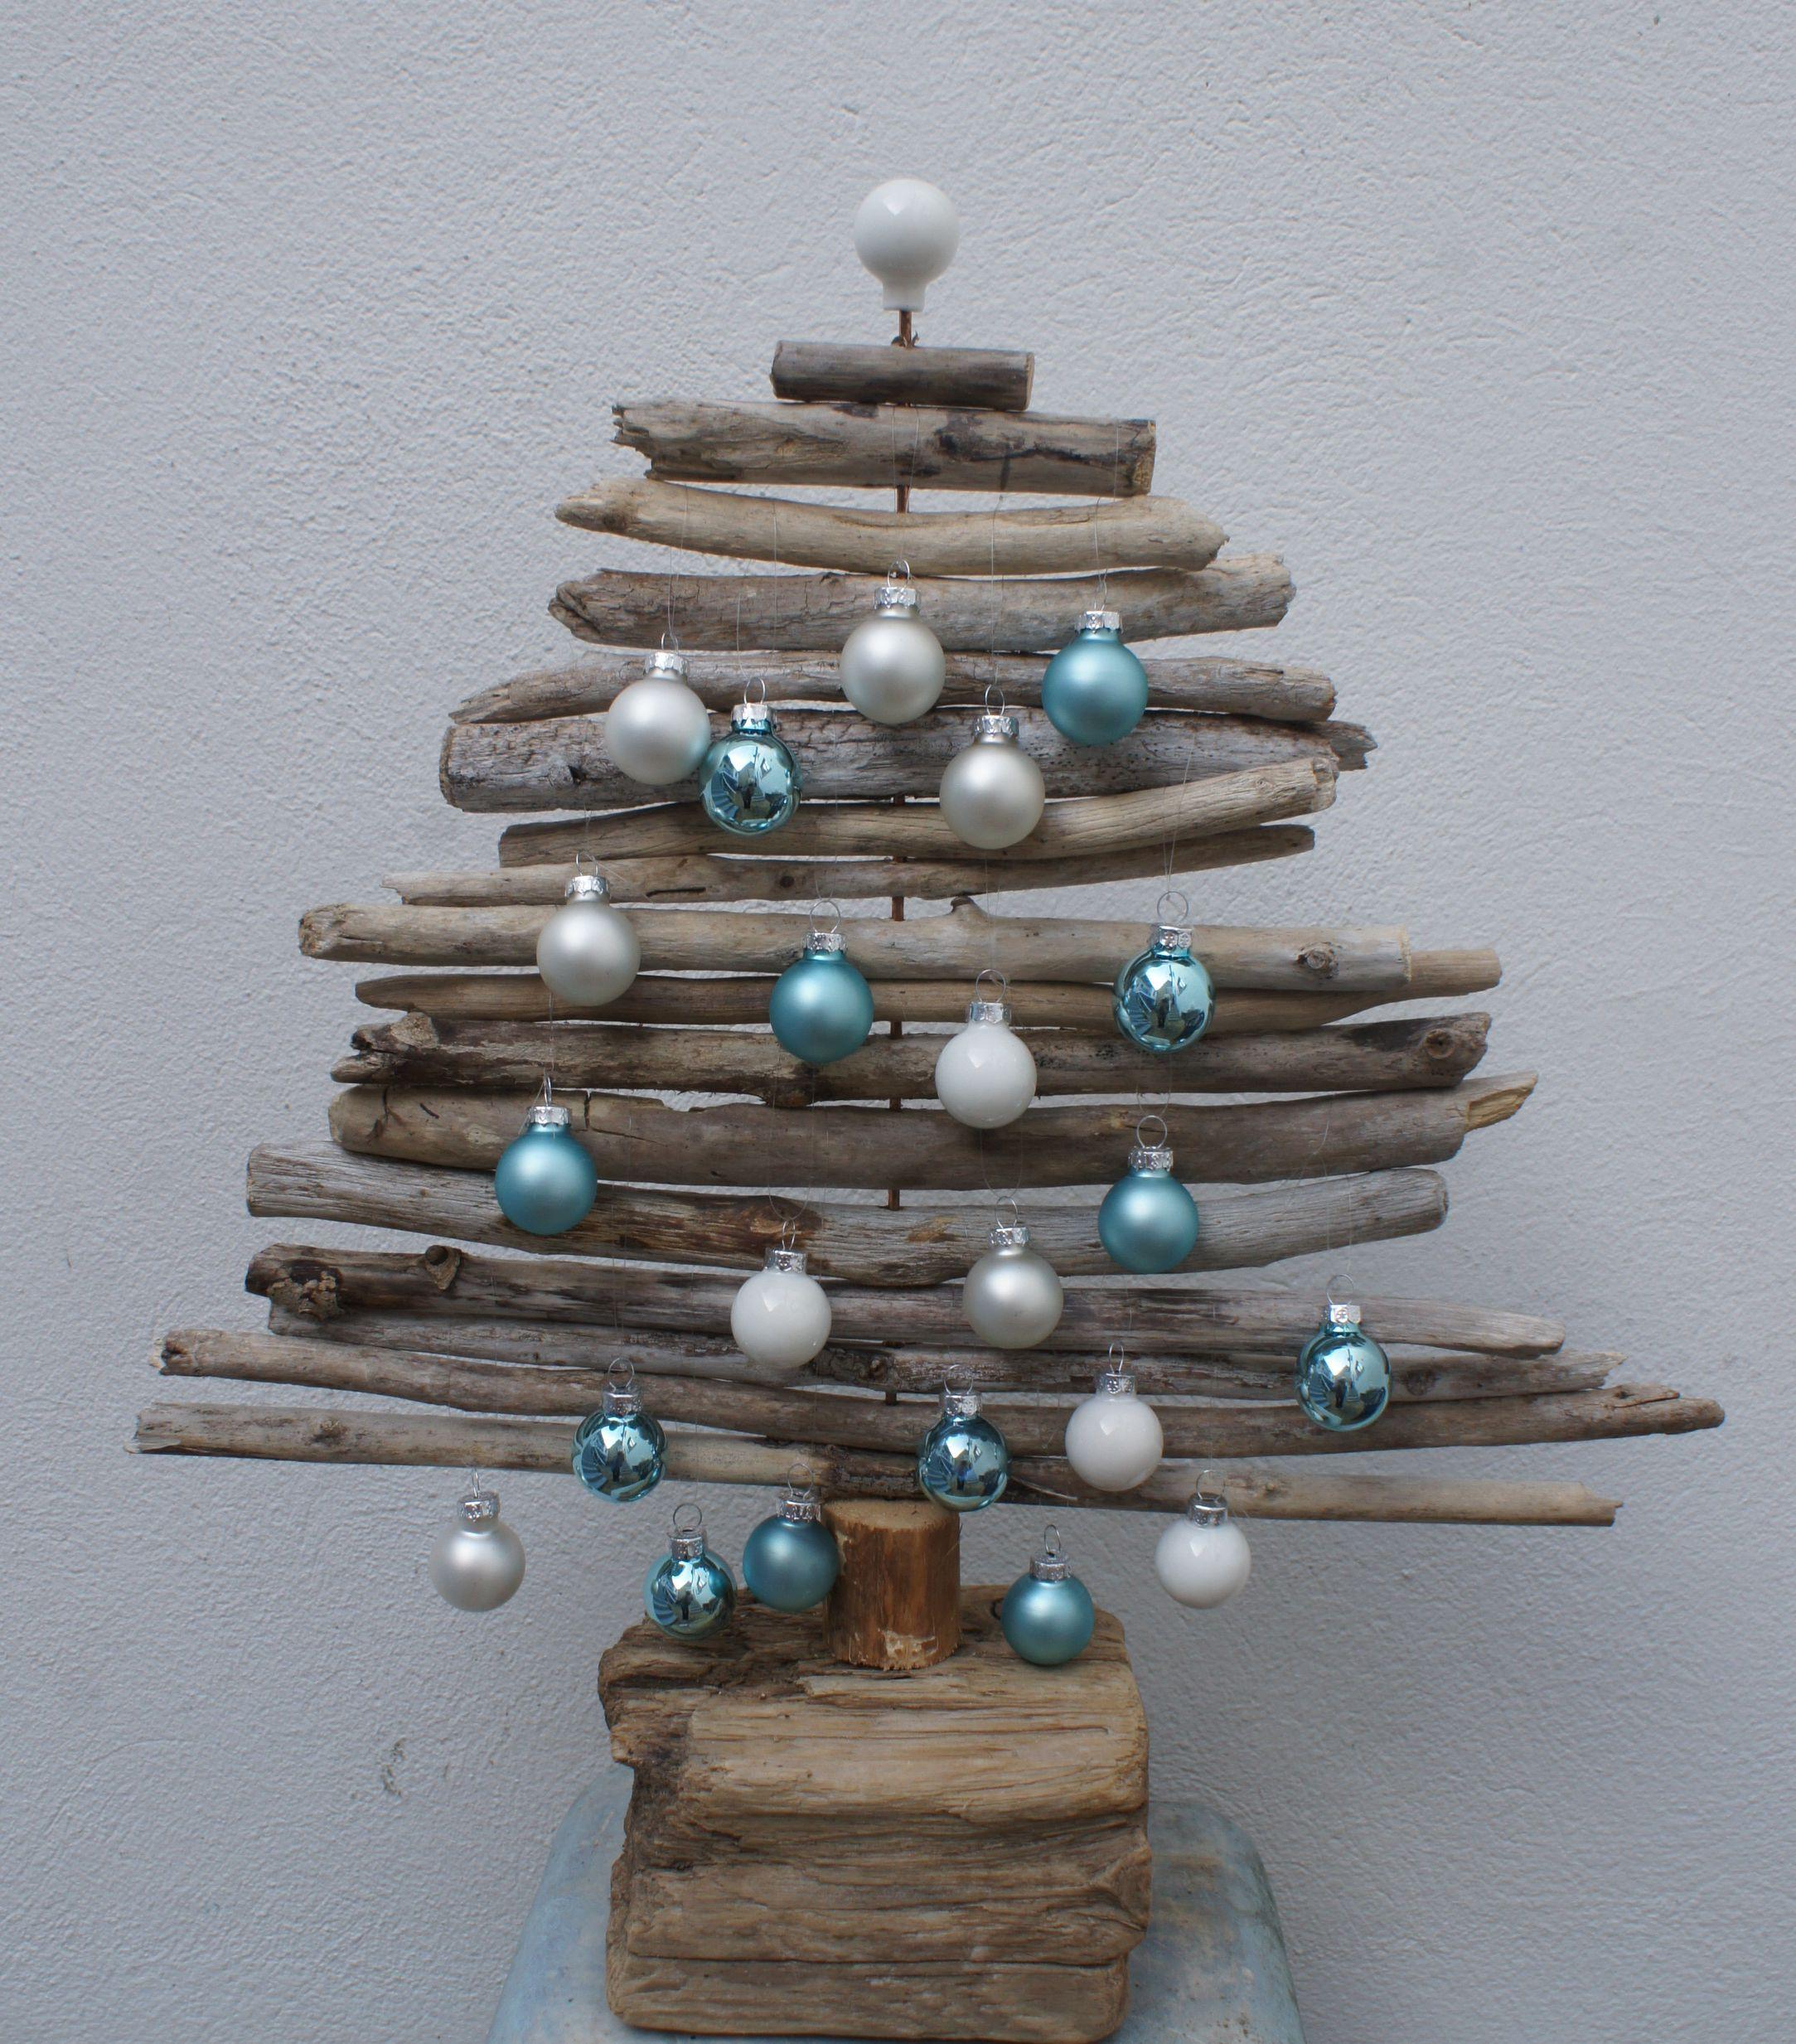 tannenbaum aus treibholz treibholz pinterest treibholz und tannenbaum. Black Bedroom Furniture Sets. Home Design Ideas